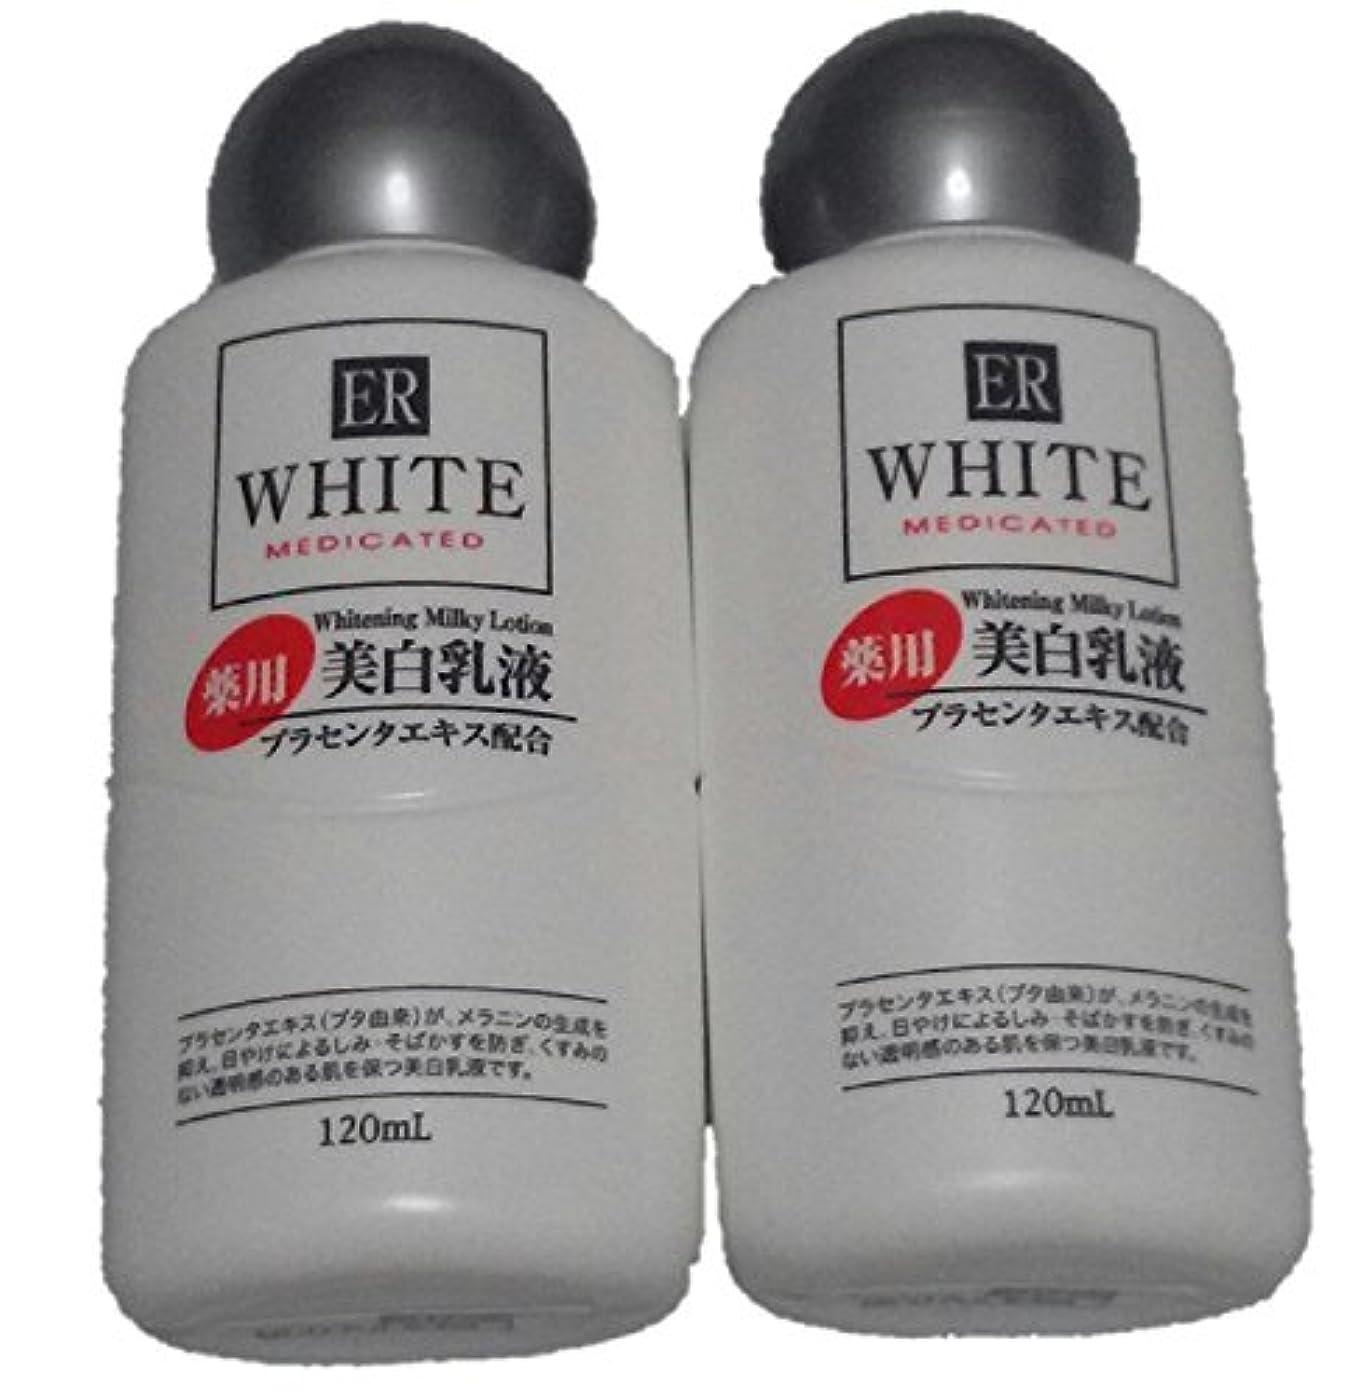 ターゲット石油リマ【2本セット】コスモホワイトニングミルク 120ml